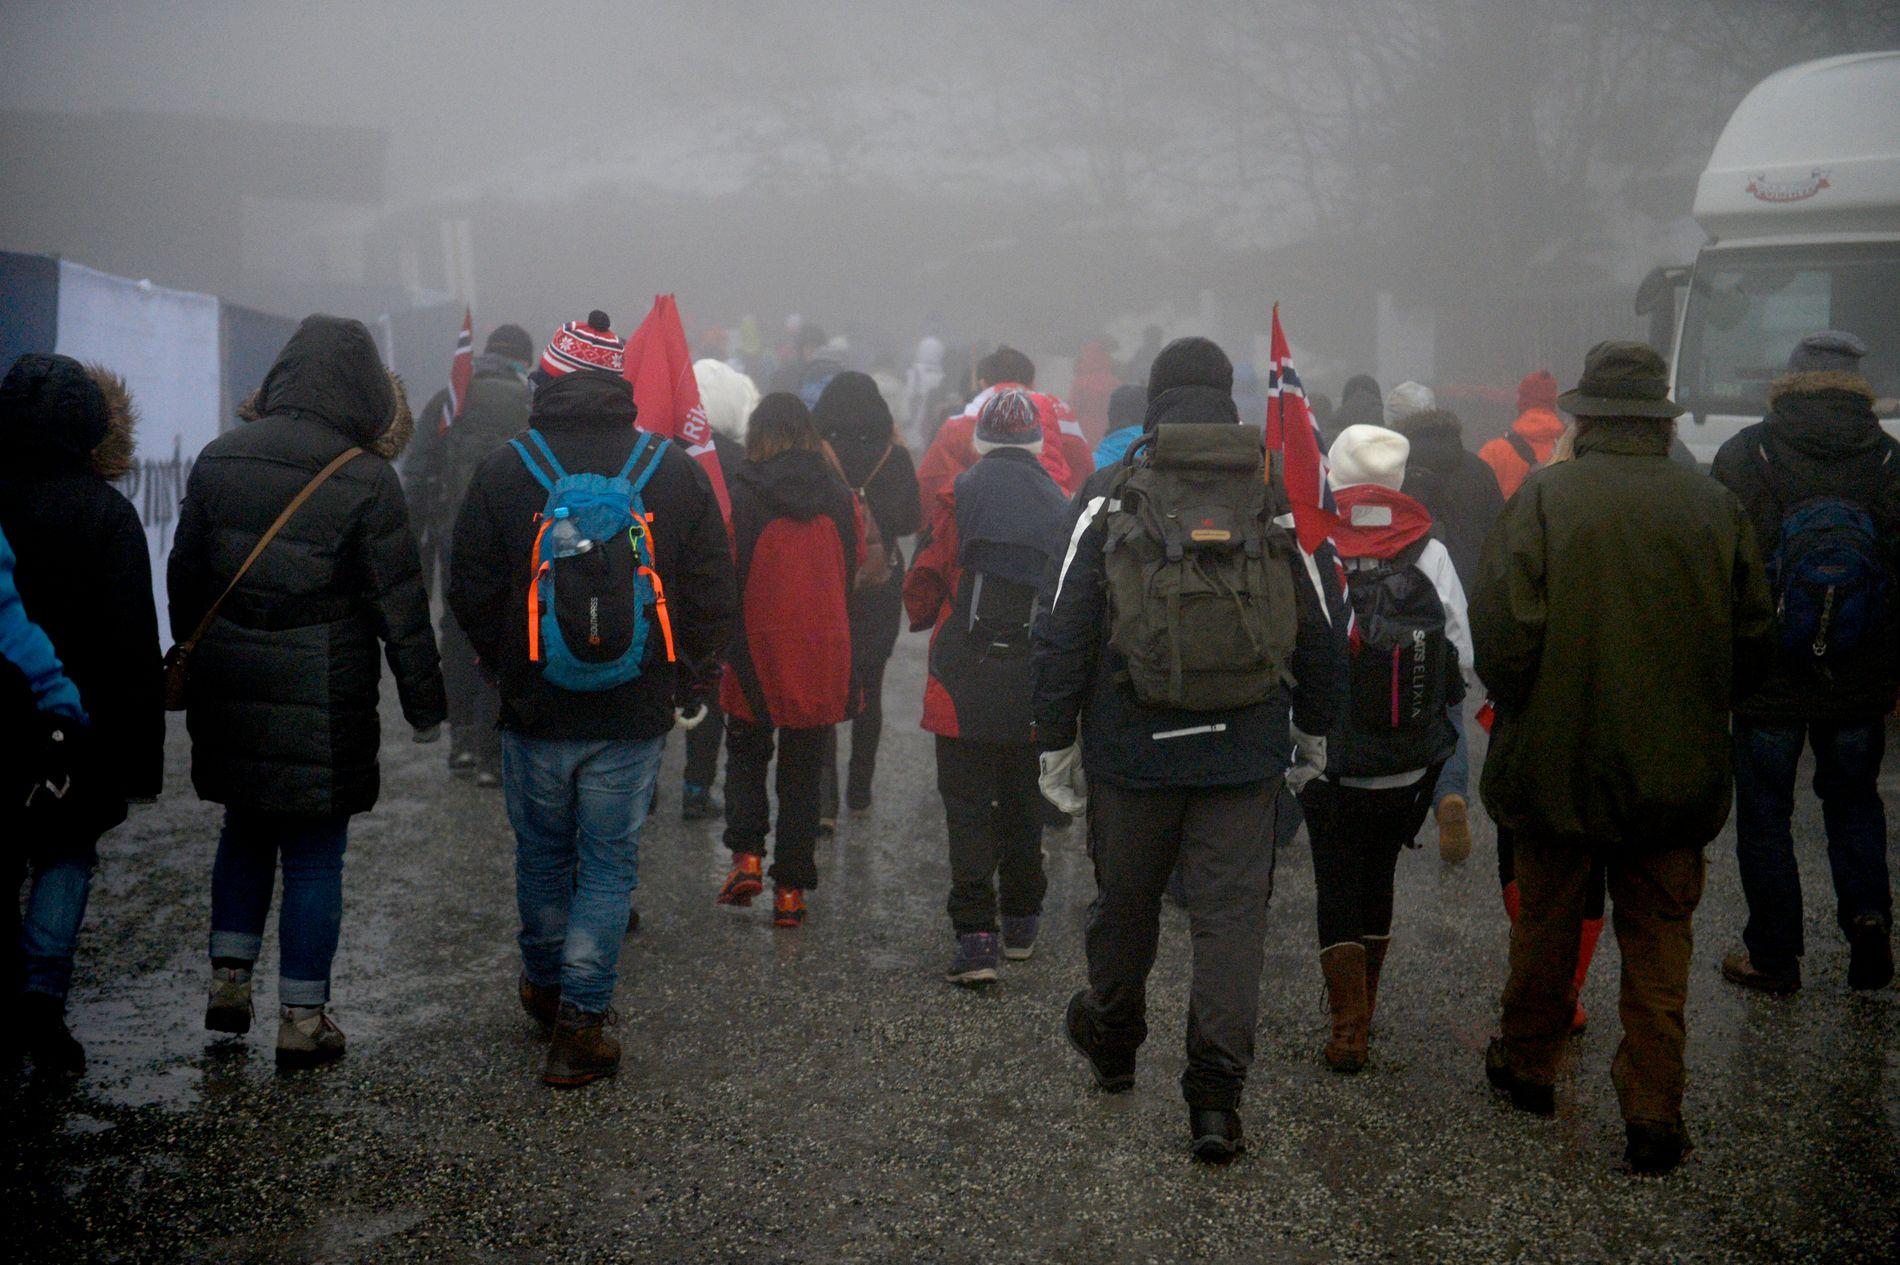 FOLKEFEST PÅ GODT OG VONDT:  Holmenkollen skifestival slet i vinter med både avlysninger pga tåke og etterfester som gikk over styr. Her er publikum tidlig på vei hjem da hopprennet ble avlyst.